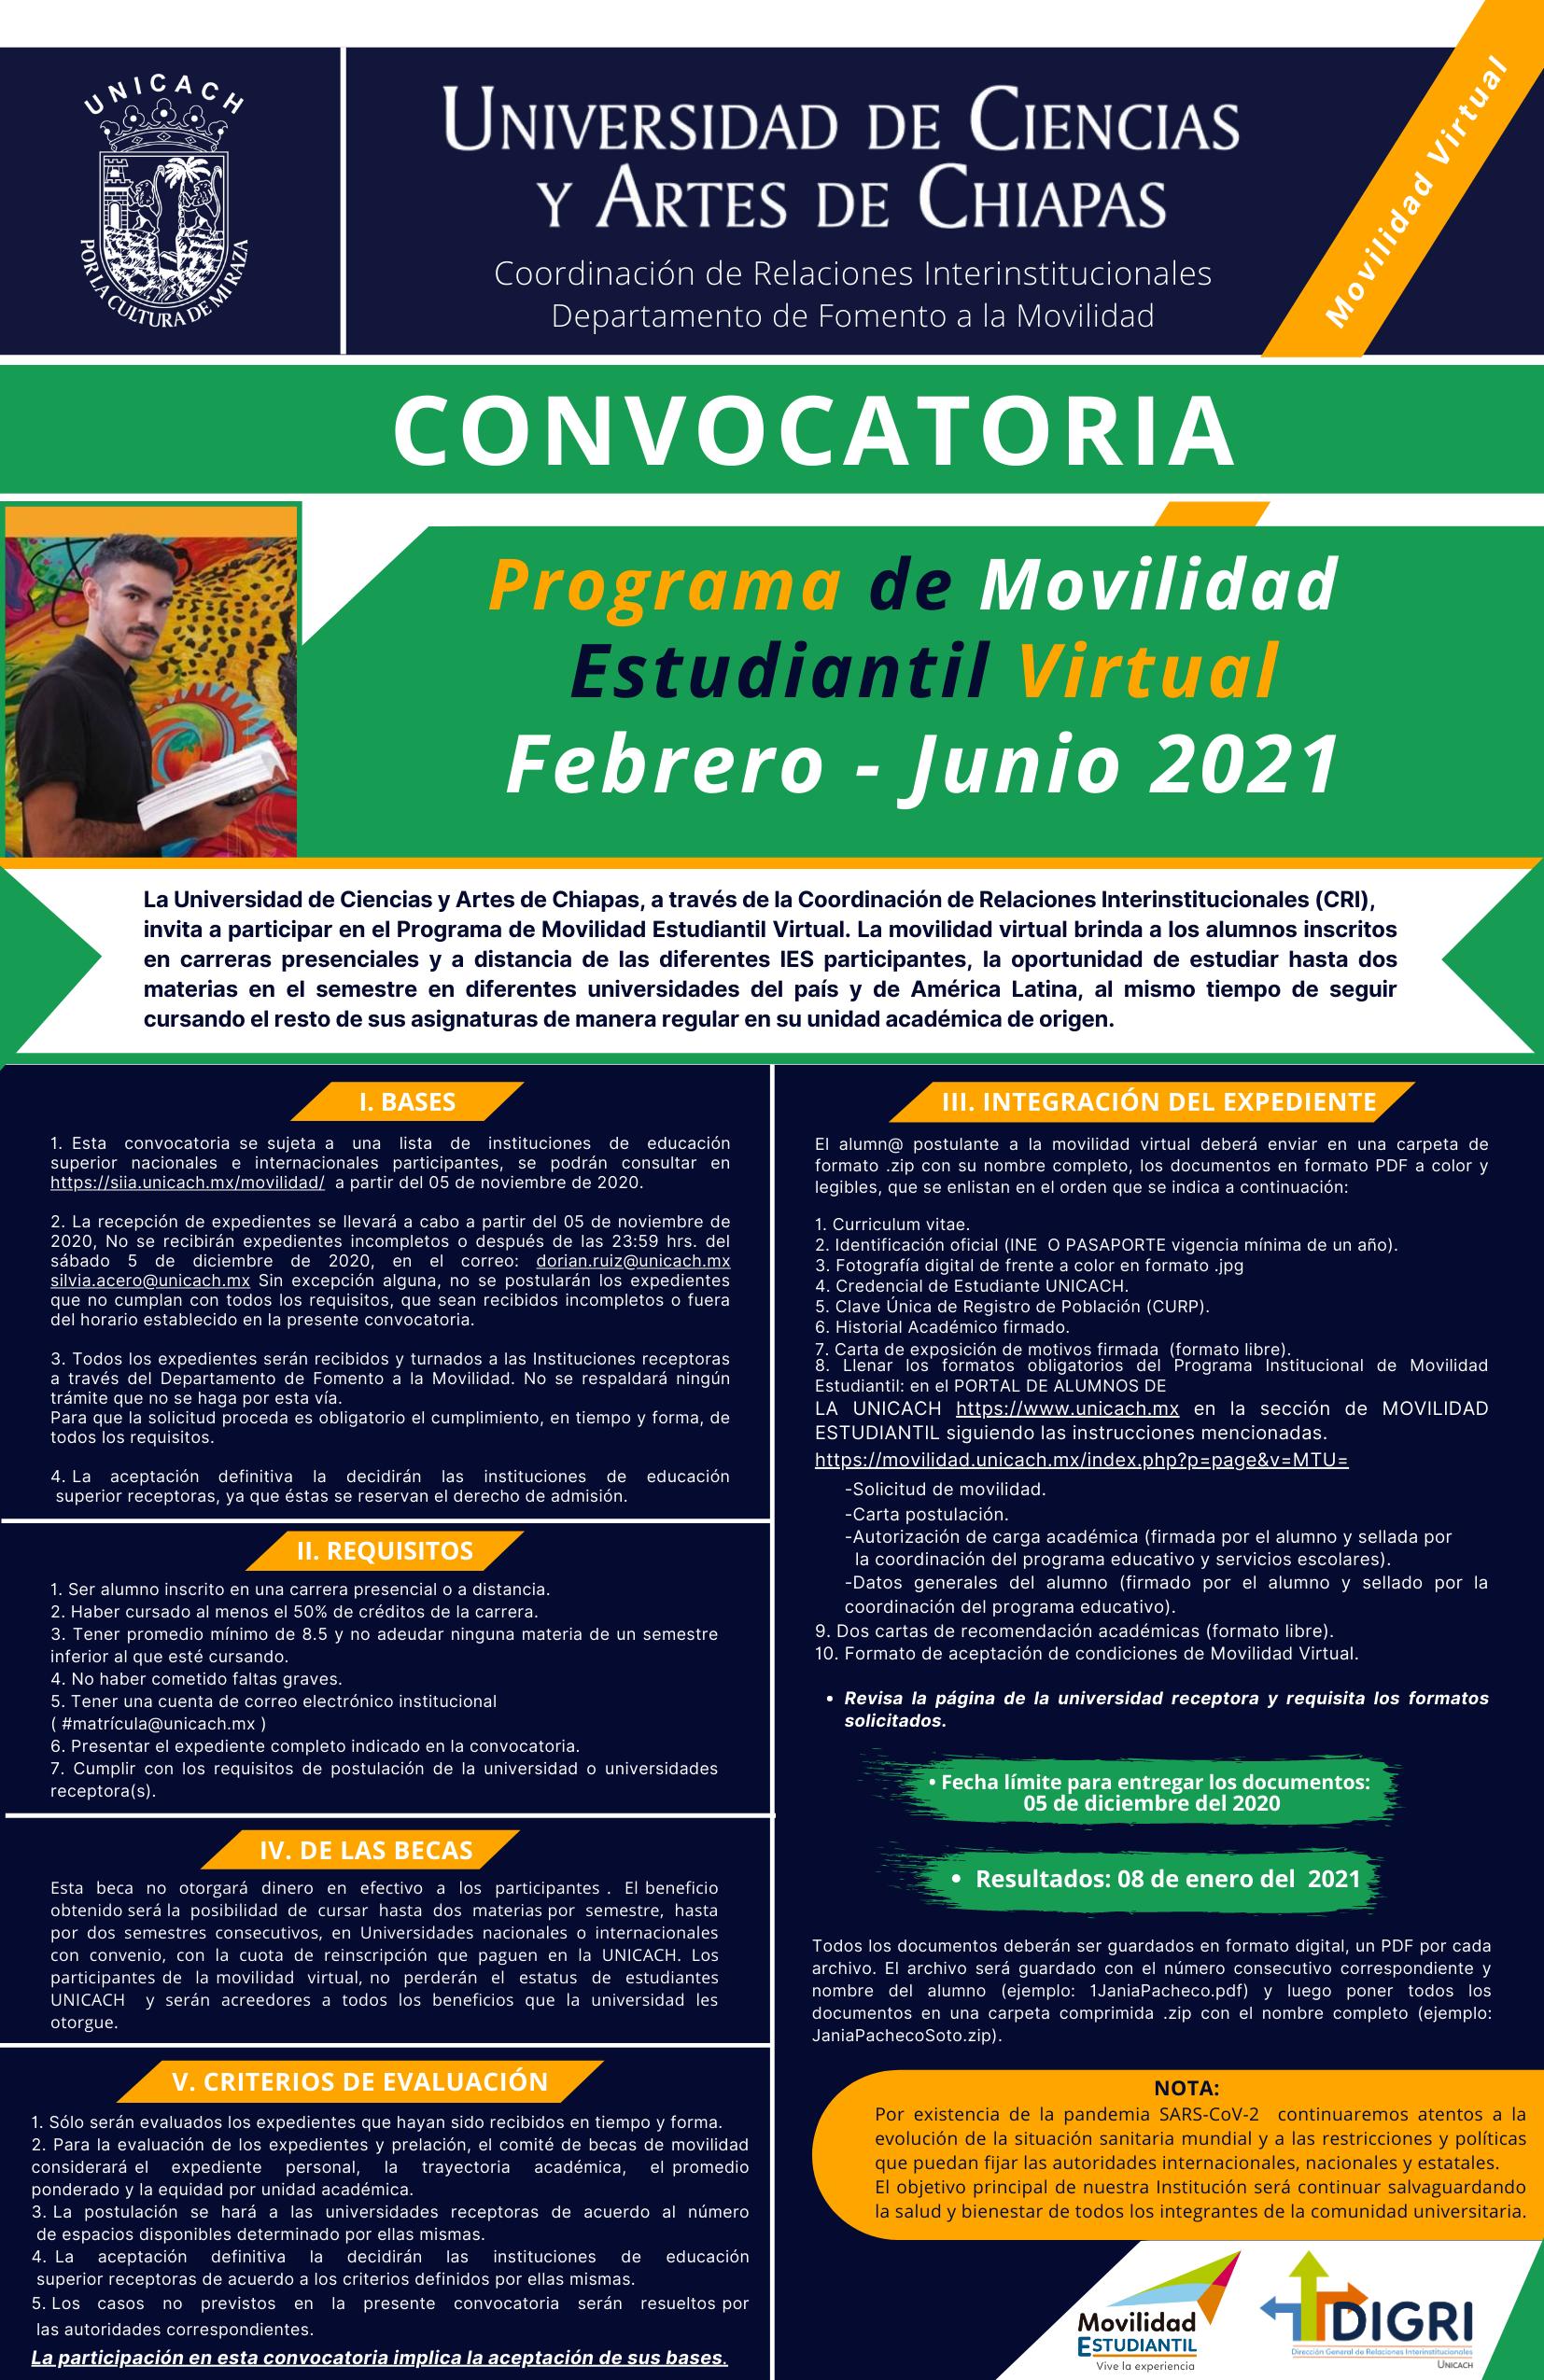 Convocatoria Programa de Movilidad Estudiantil Virtual Febrero - Junio 2021 UNICACH